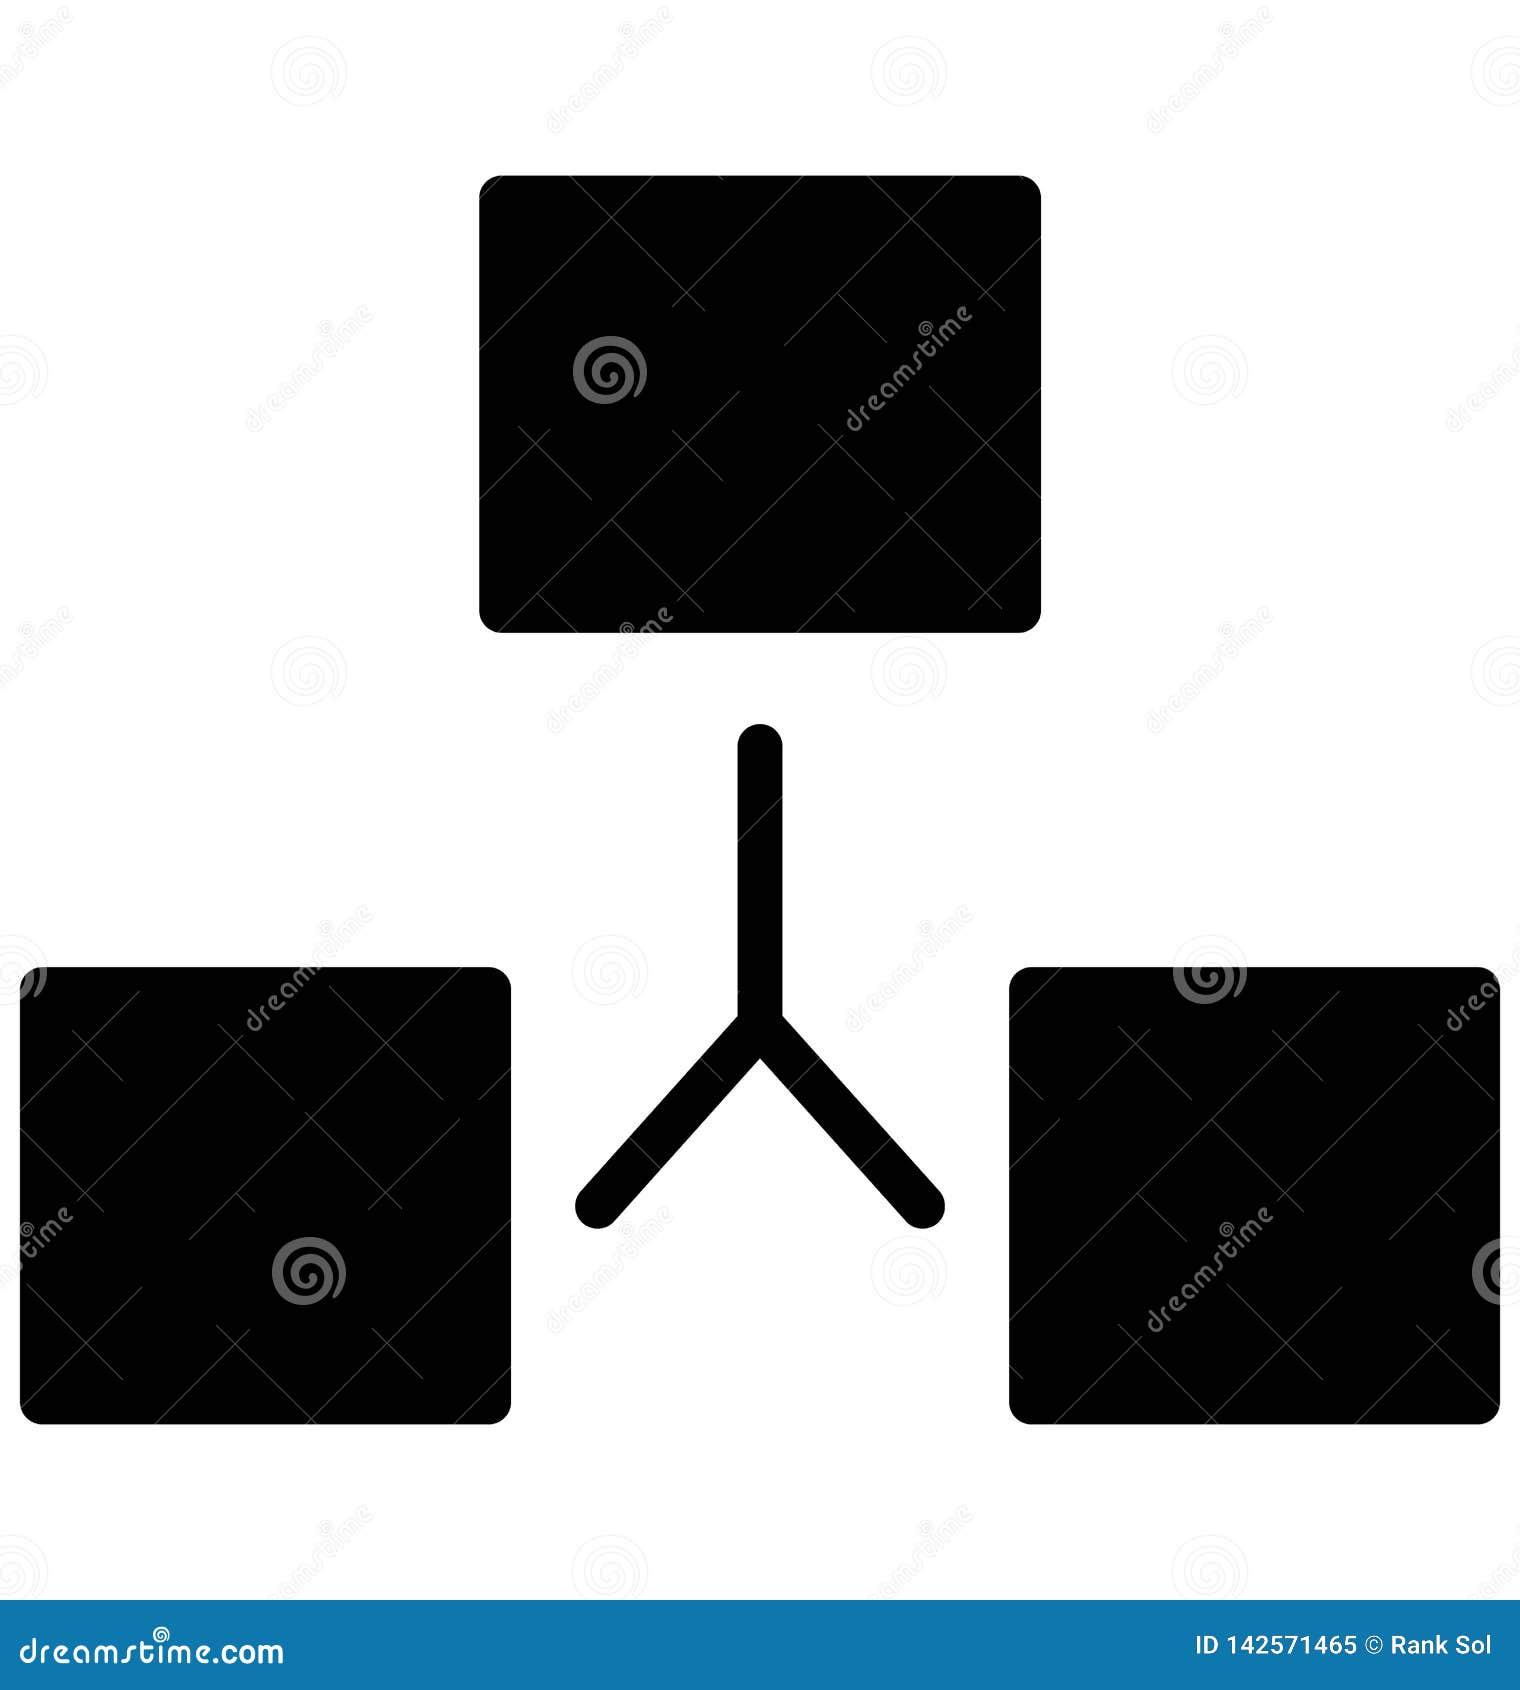 El App aisló el icono del vector que puede modificarse o corregir fácilmente